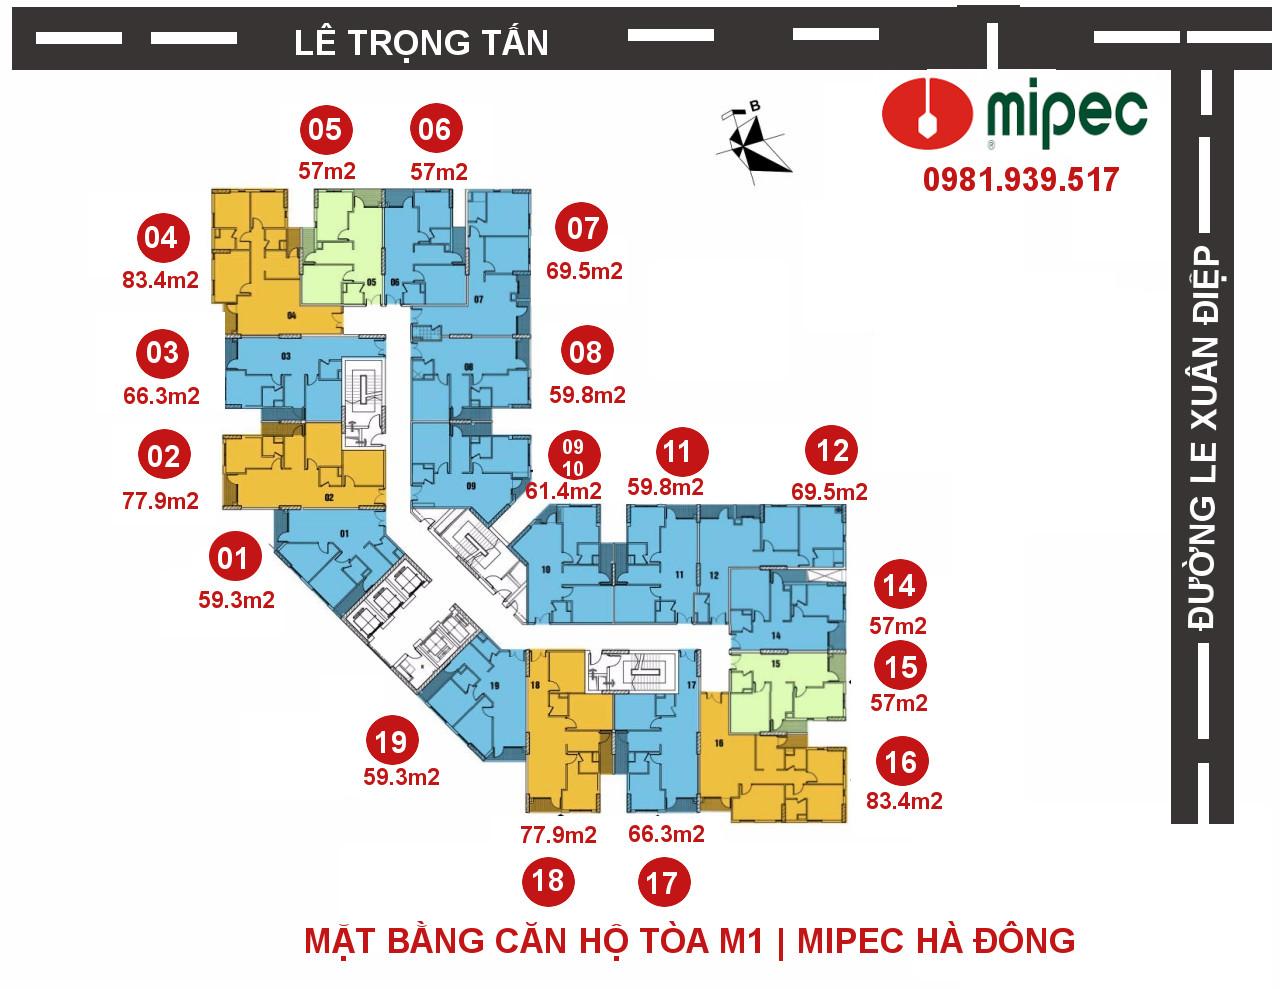 Hình ảnh Mặt bằng căn hộ Mipec Hà Đông tòa M1